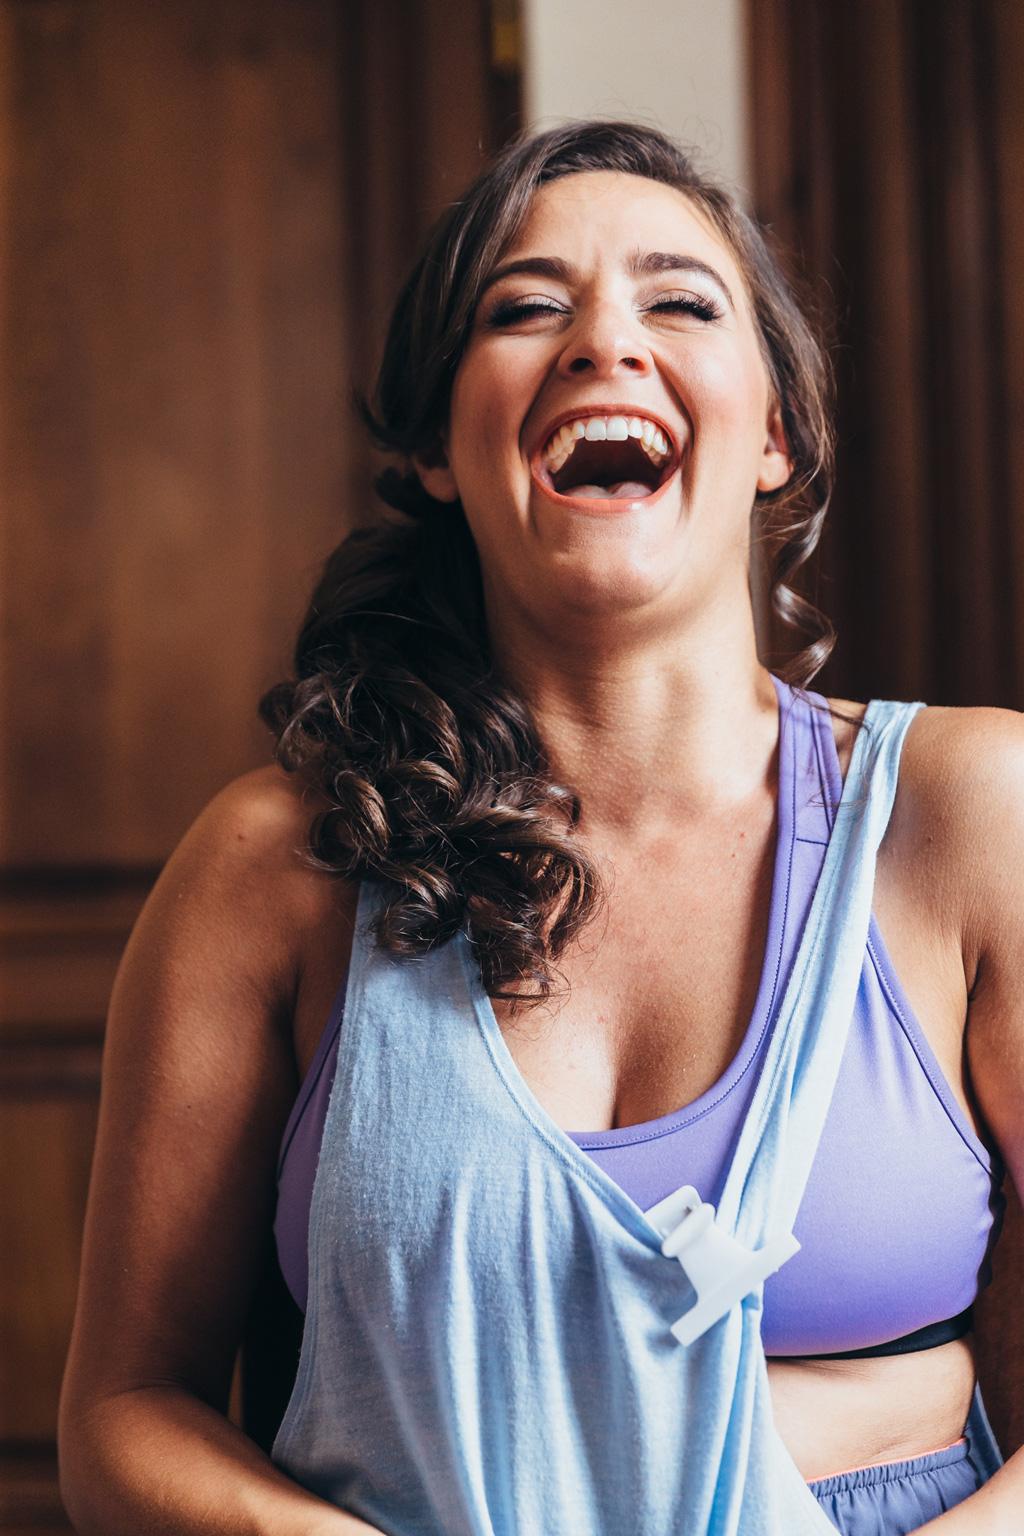 Loreanne ritratta in un momento di allegria davanti alla lente del fotografo Alessandro Della Savia